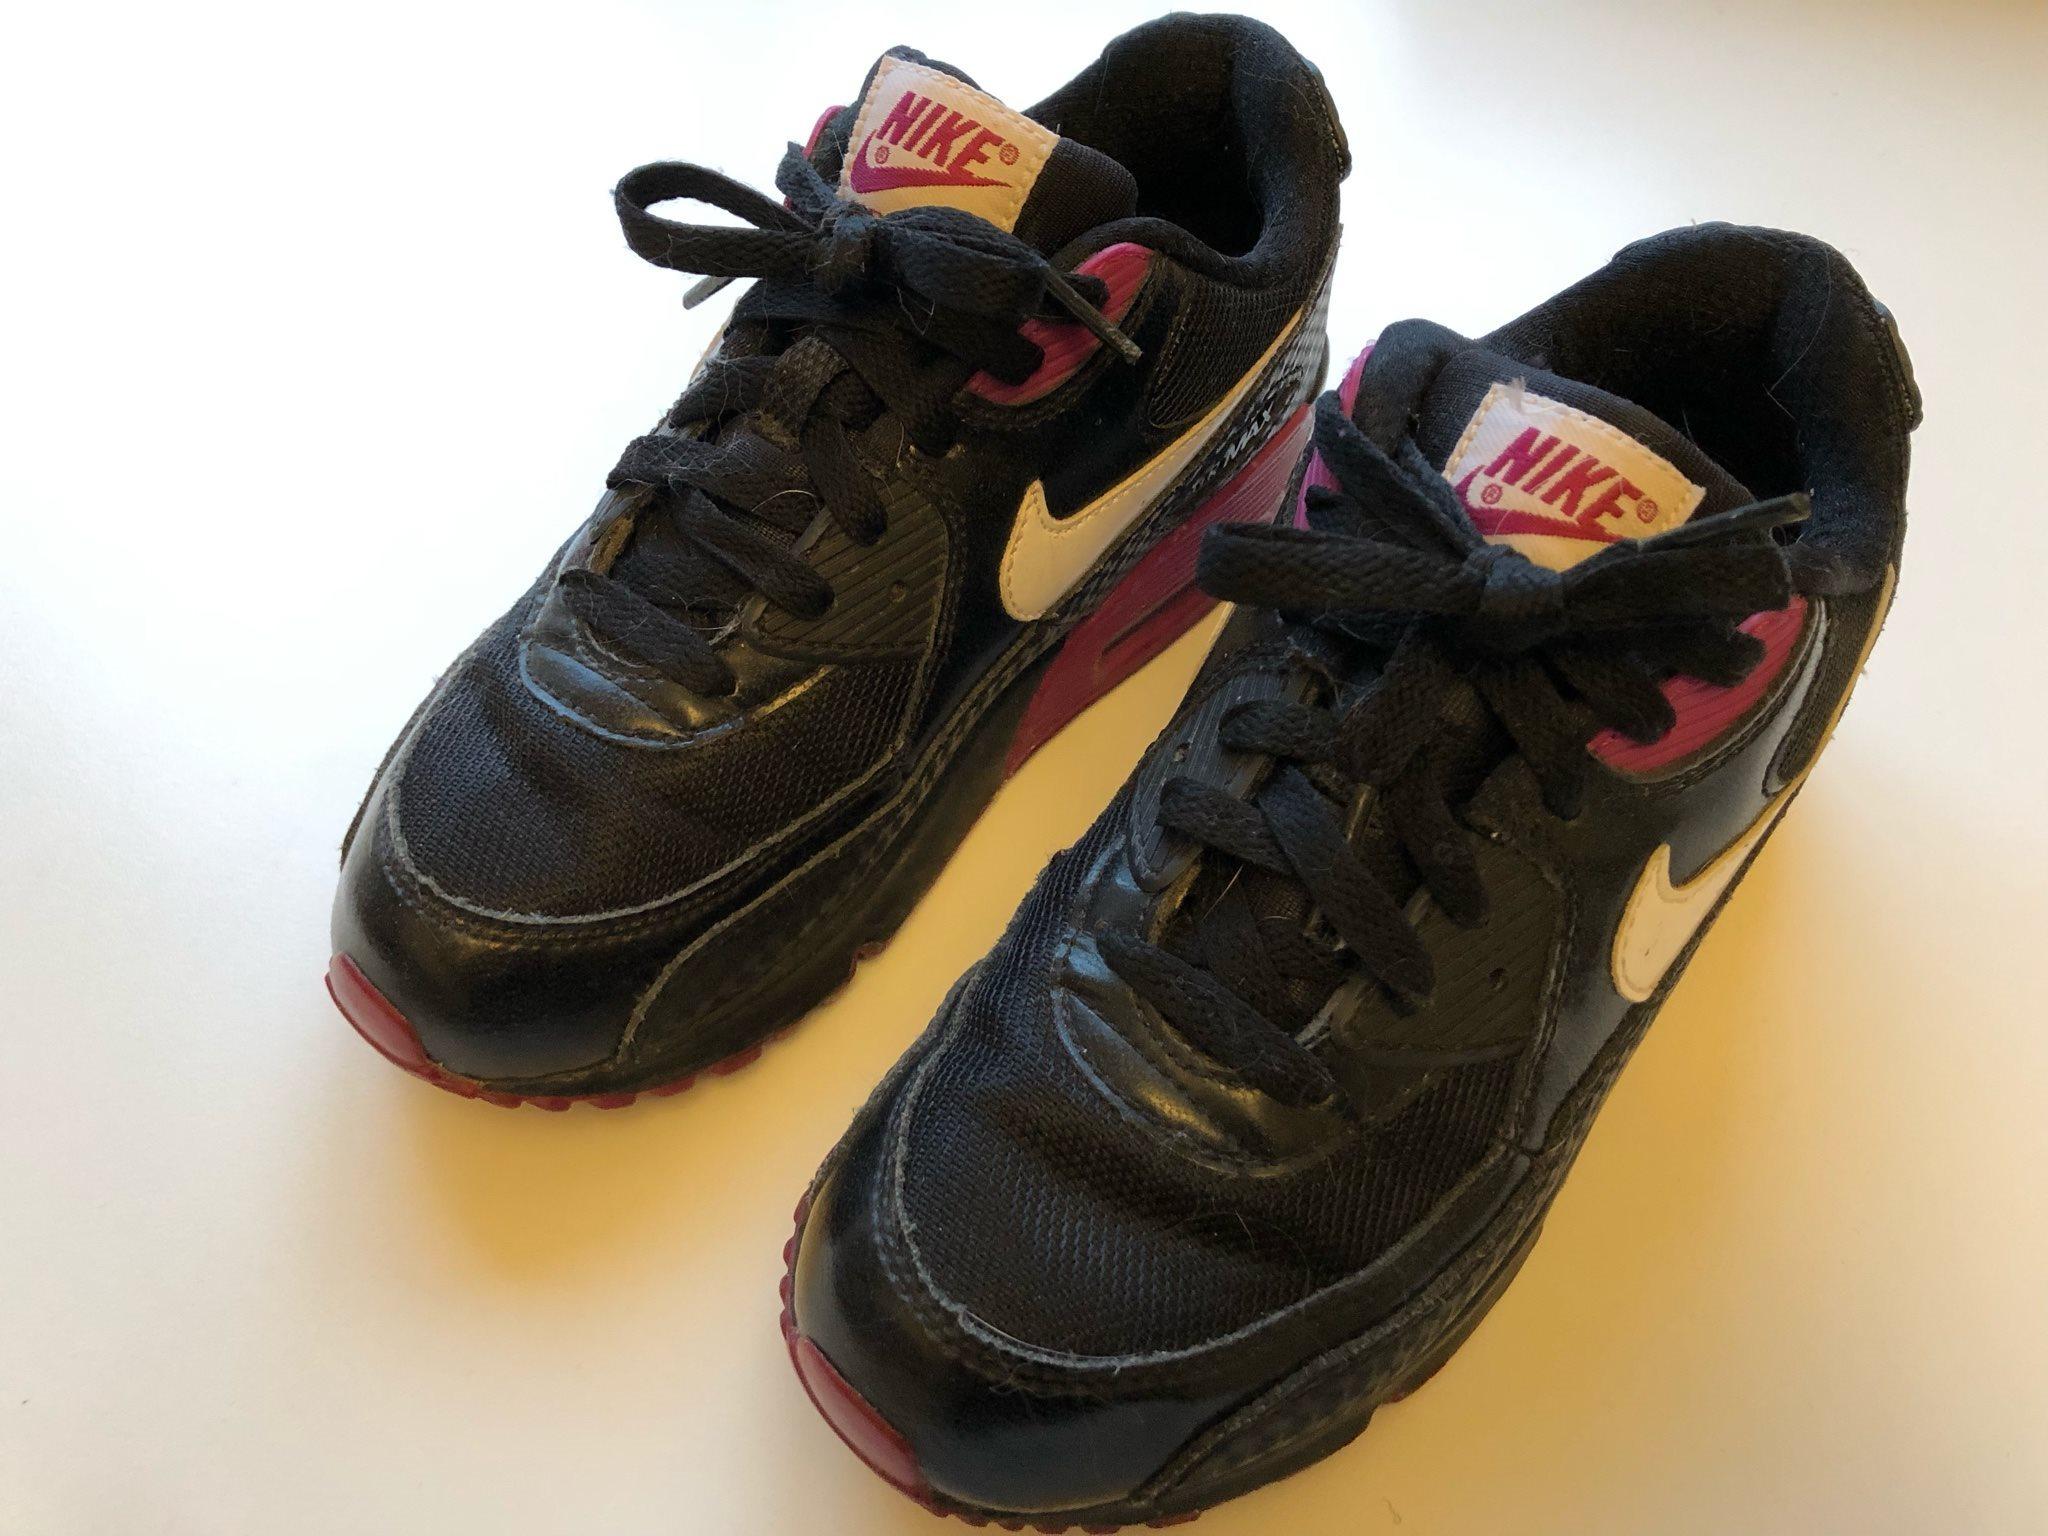 cheaper 99a11 154ea Nikeskor storlek 35